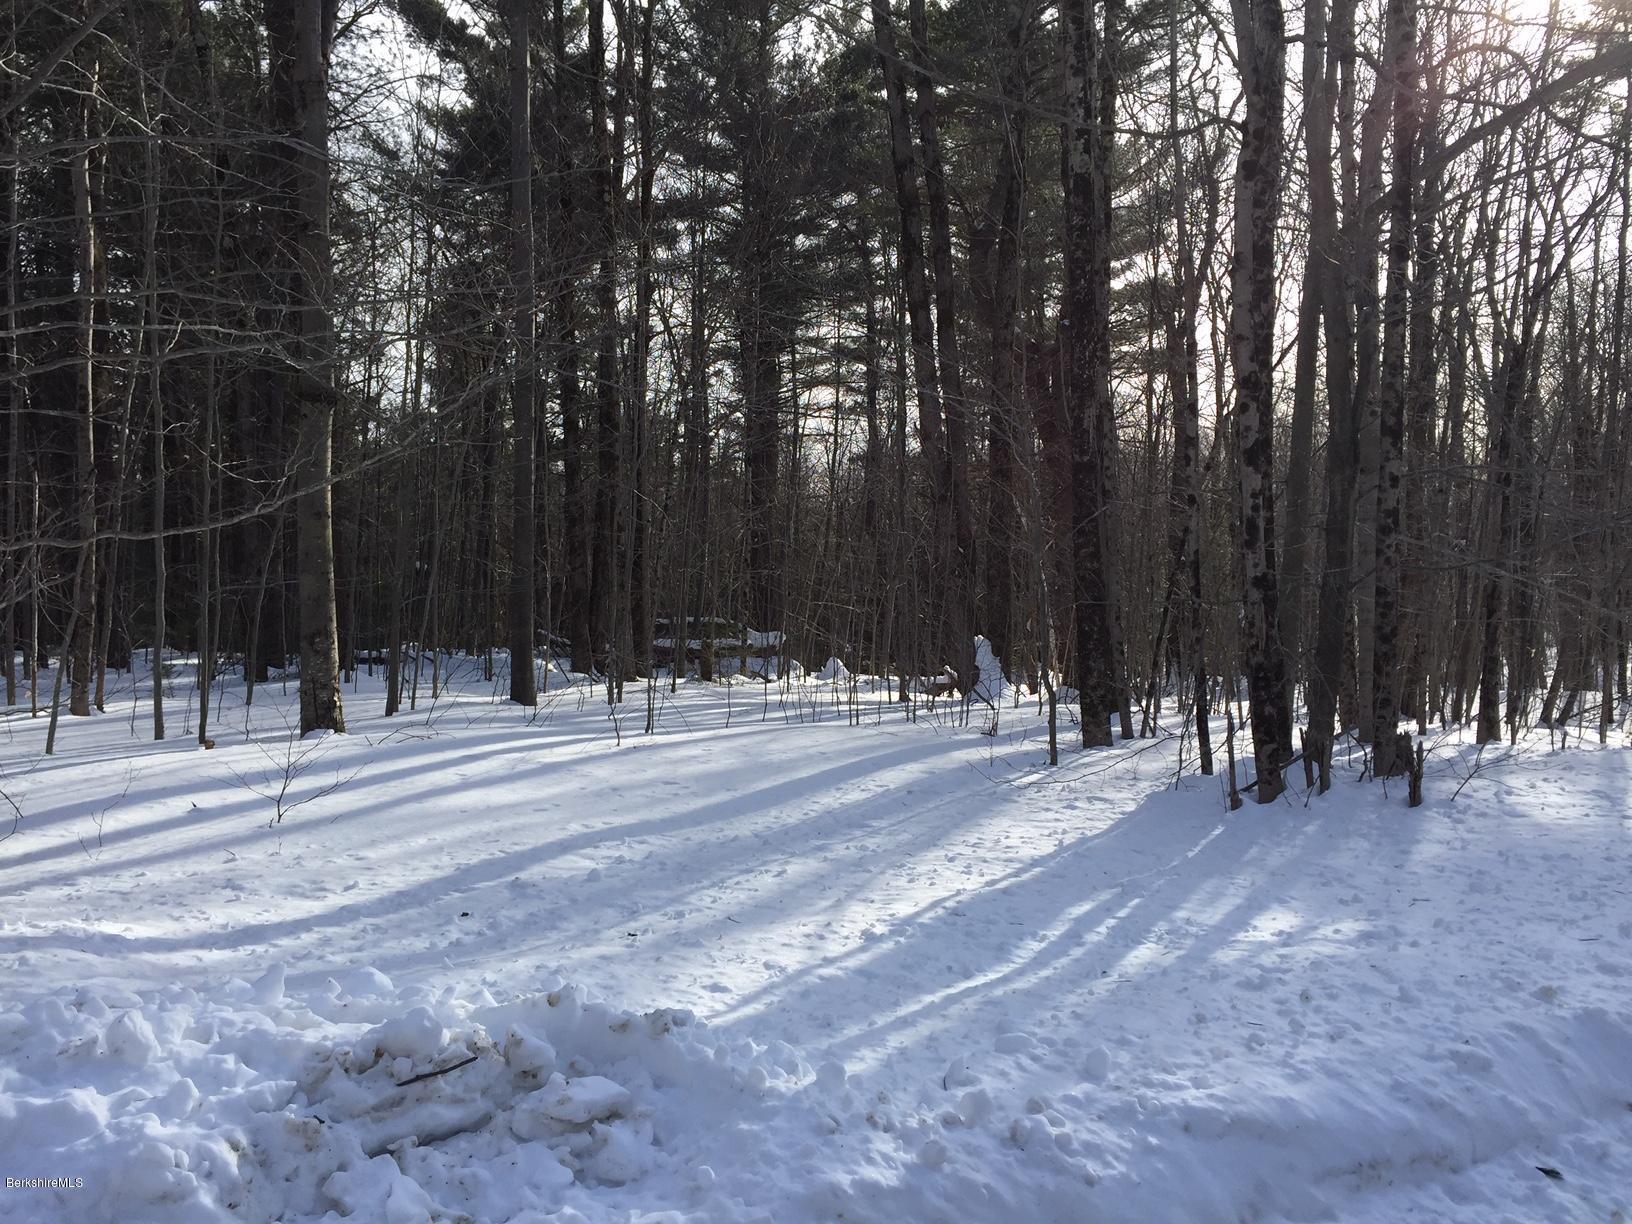 0 Dimmock, Otis, Massachusetts 01253, ,Land,For Sale,Dimmock,226189